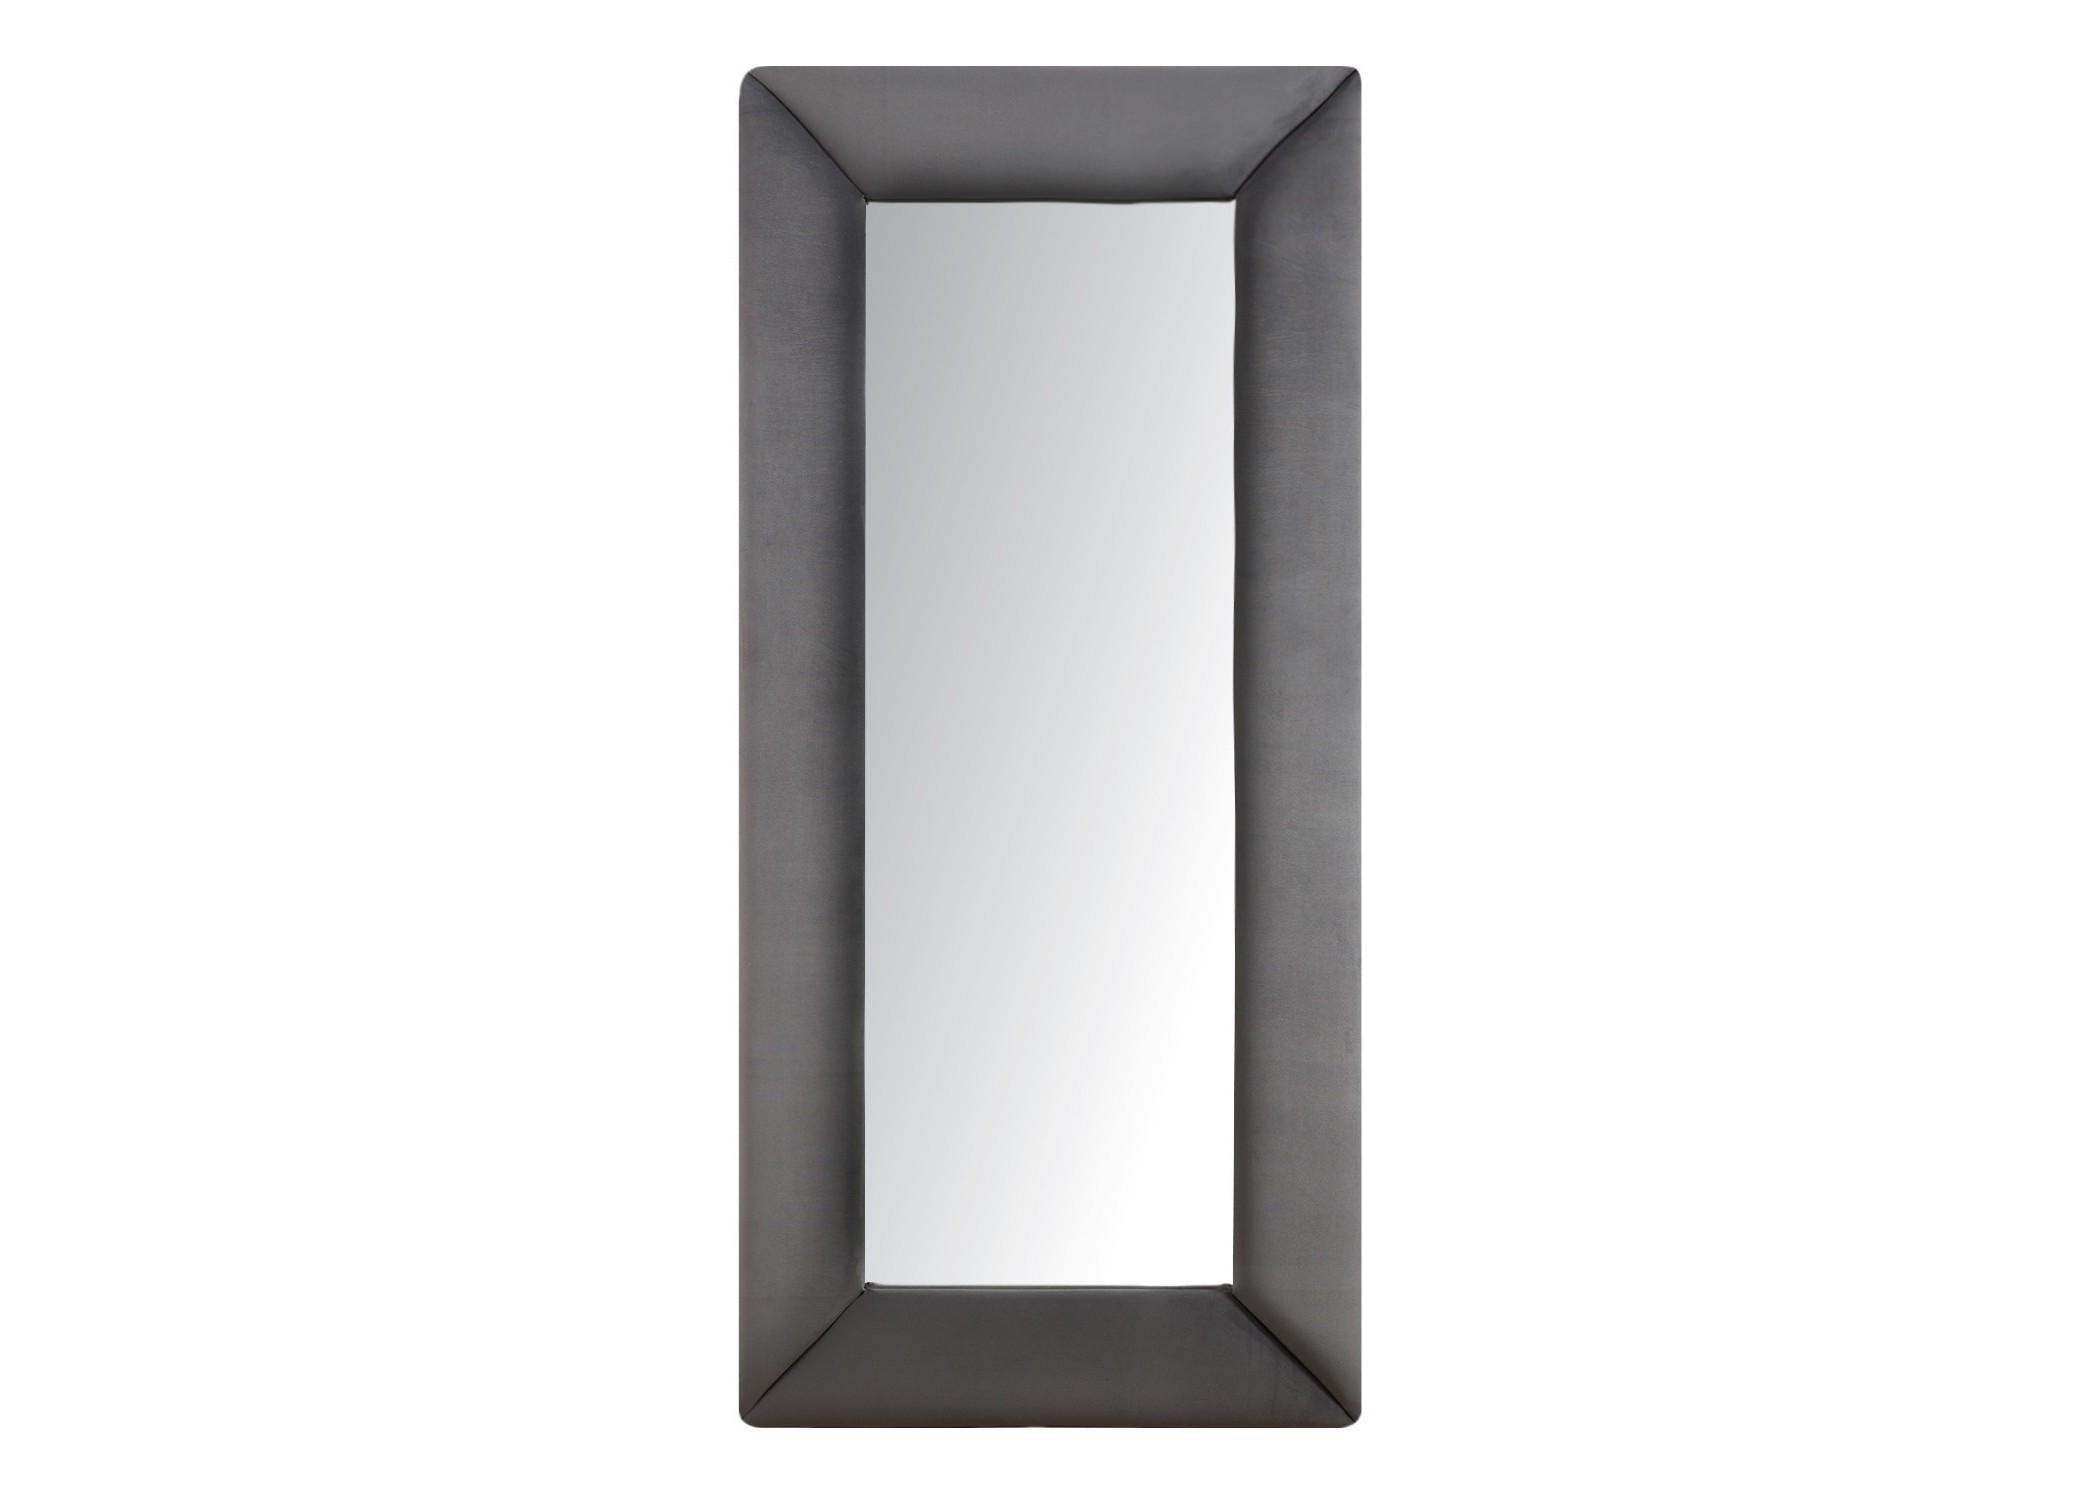 Зеркало напольноеНапольные зеркала<br>Зеркала являются незаменимыми элементами декора или элементами интерьера. Большие зеркала способны создавать причудливые эффекты: зритель увеличивать комнату, создавать иллюзию удлиненной комнаты, углублять ниши. Зеркало в полный рост, имеет, также, практическое применение. <br>Чтобы разобраться, где такие зеркала будут смотреться лучше всего, следует рассмотреть все варианты.<br><br>Material: Дерево<br>Ширина см: 83<br>Высота см: 175<br>Глубина см: 5